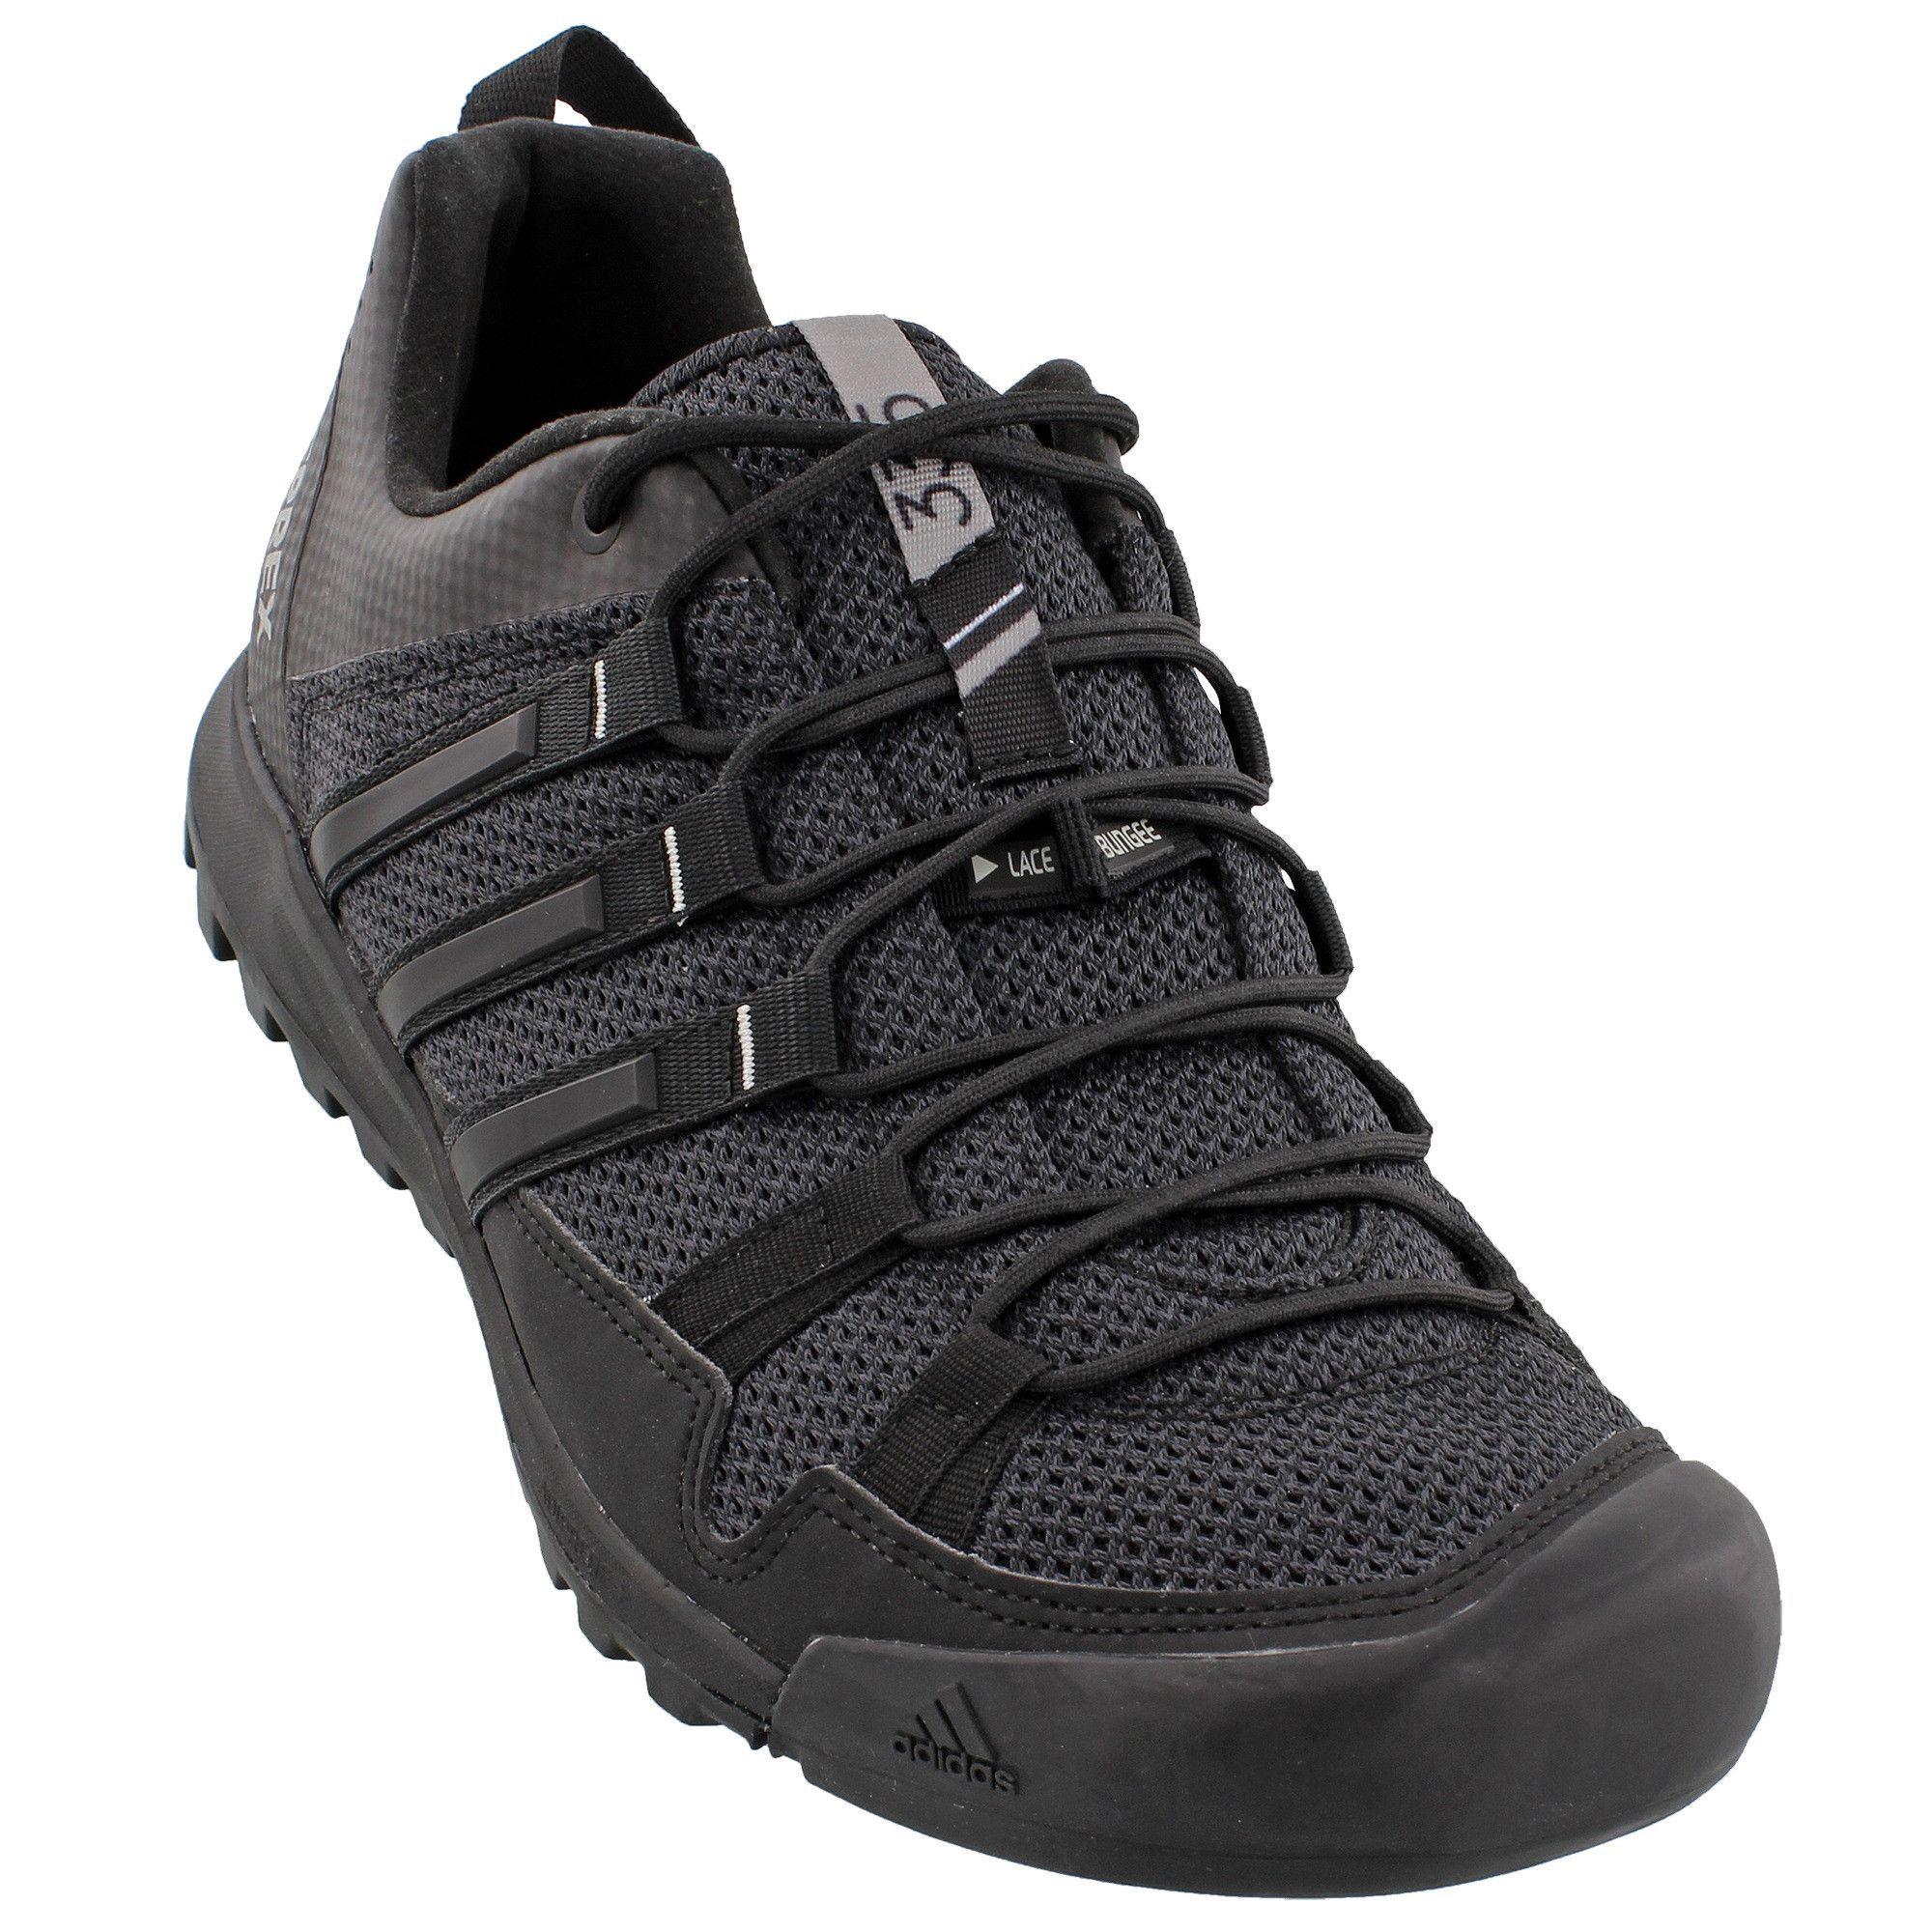 wholesale dealer ef0d9 6e1a0 adidas Performance Men s Terrex Solo Shoes